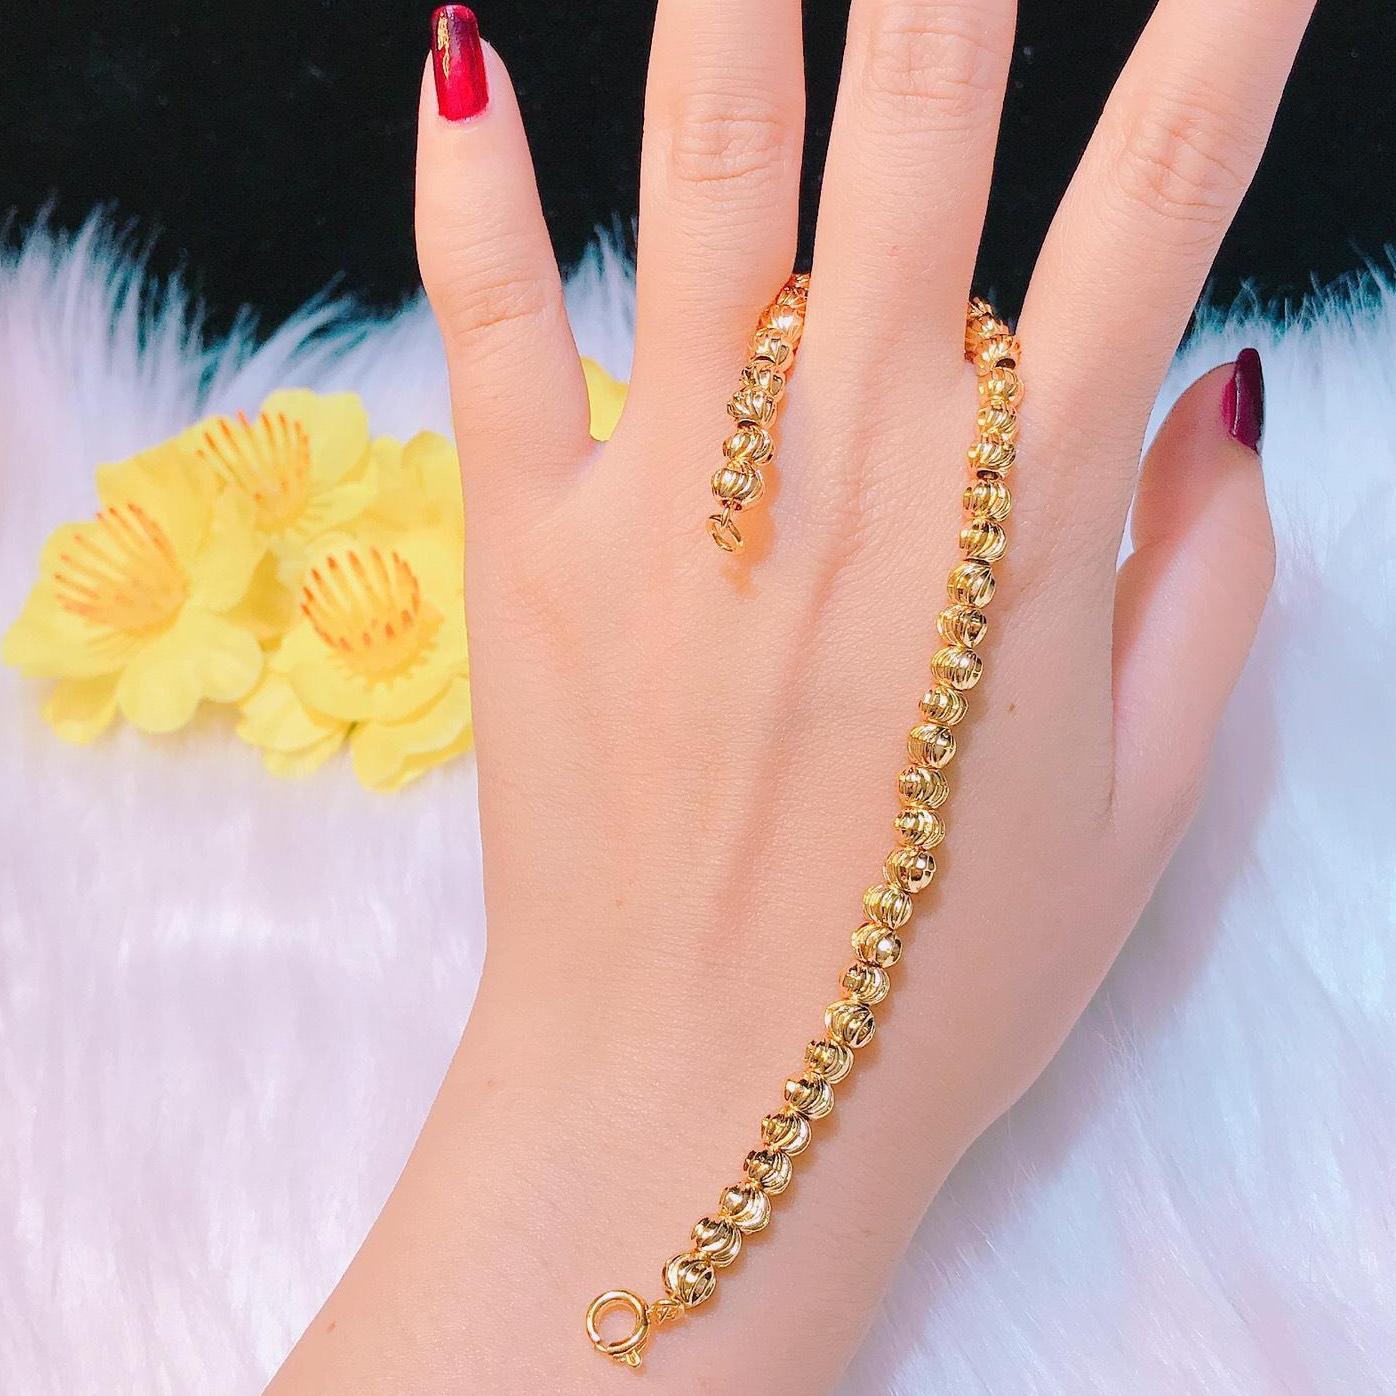 [GIẢM GIÁ SỐC] Vòng tay nữ đẹp, lắc tay mạ vàng cao cấp nữ đẹp bi tròn đều chạm khắc hoa văn tinh tế sang trọng sáng lấp lánh dễ thương Trang sức Miga KL02101910- đeo đi tiệc đi chơi làm công sở cực sang chảnh và quý phái